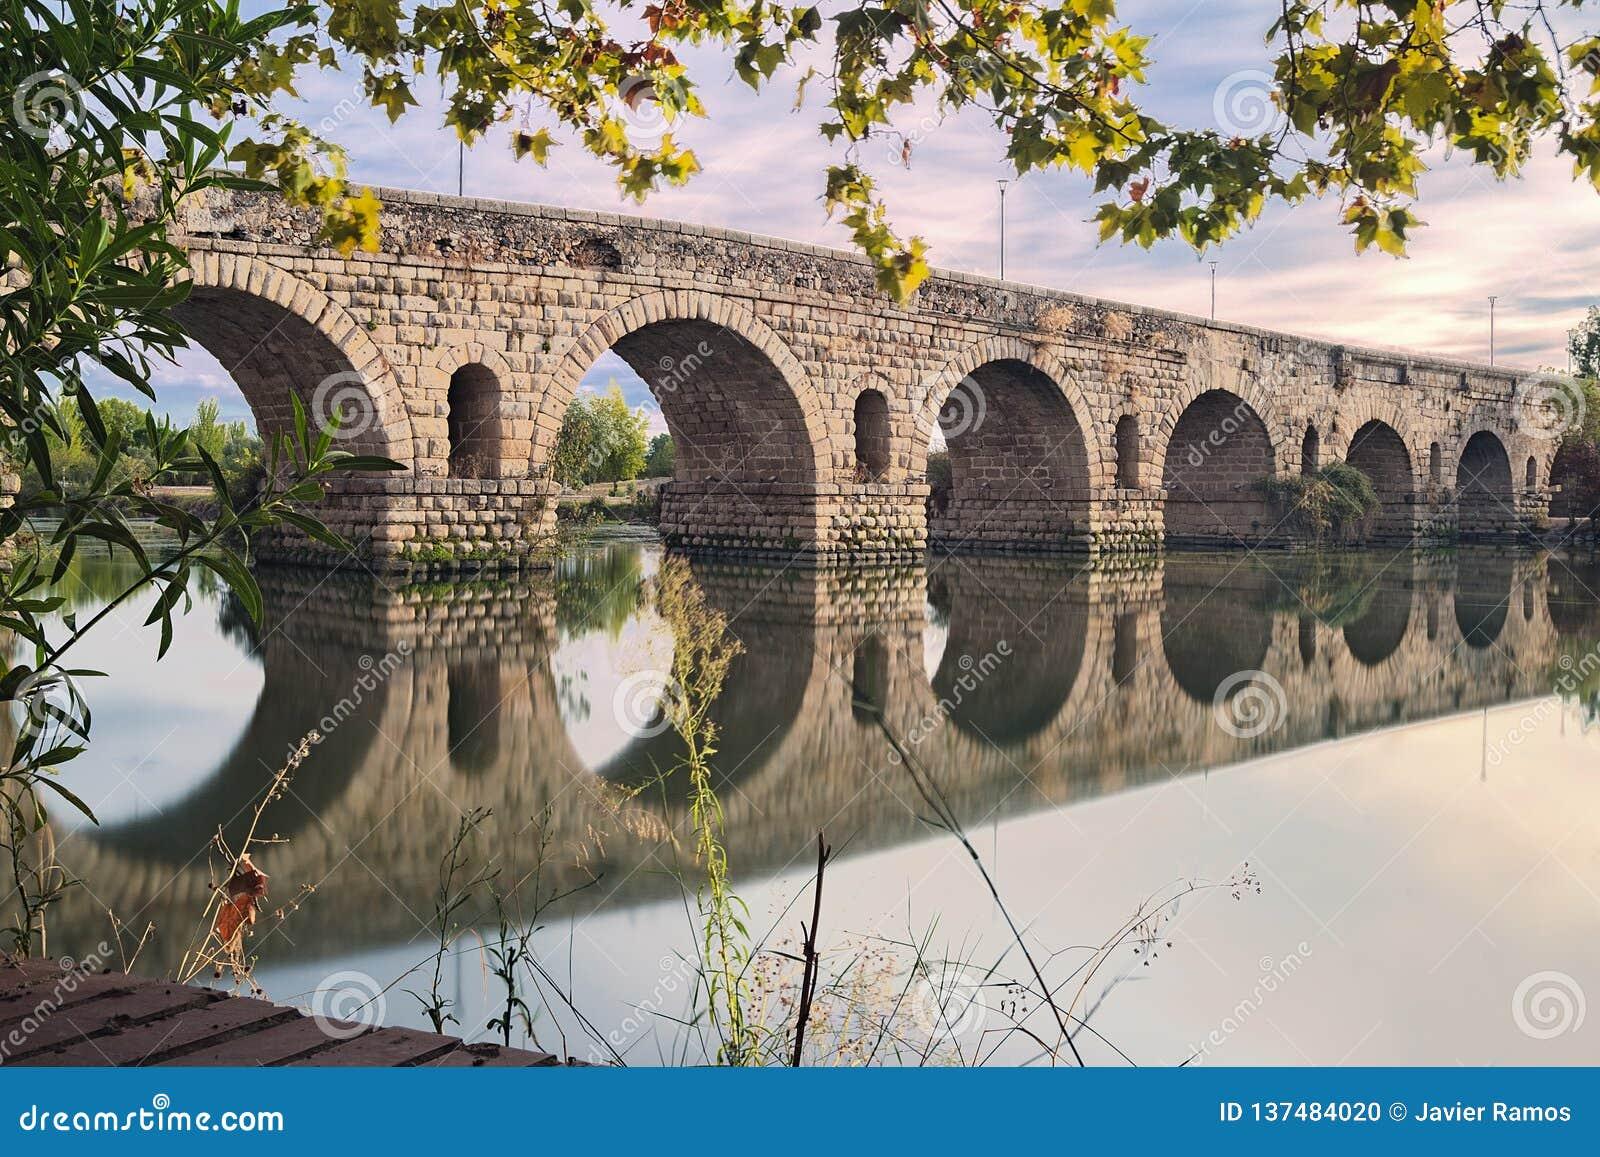 梅里达罗马桥梁